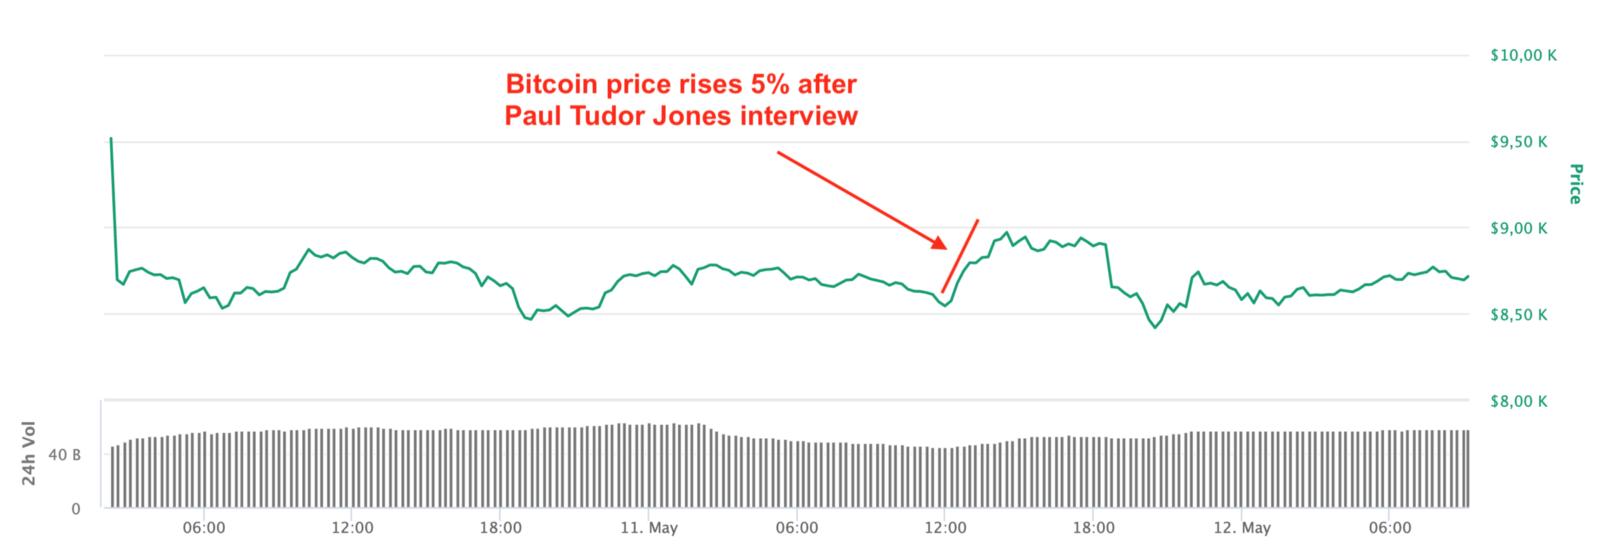 Le prix du Bitcoin a augmenté de 5% suite à l'interview de Paul Tudor